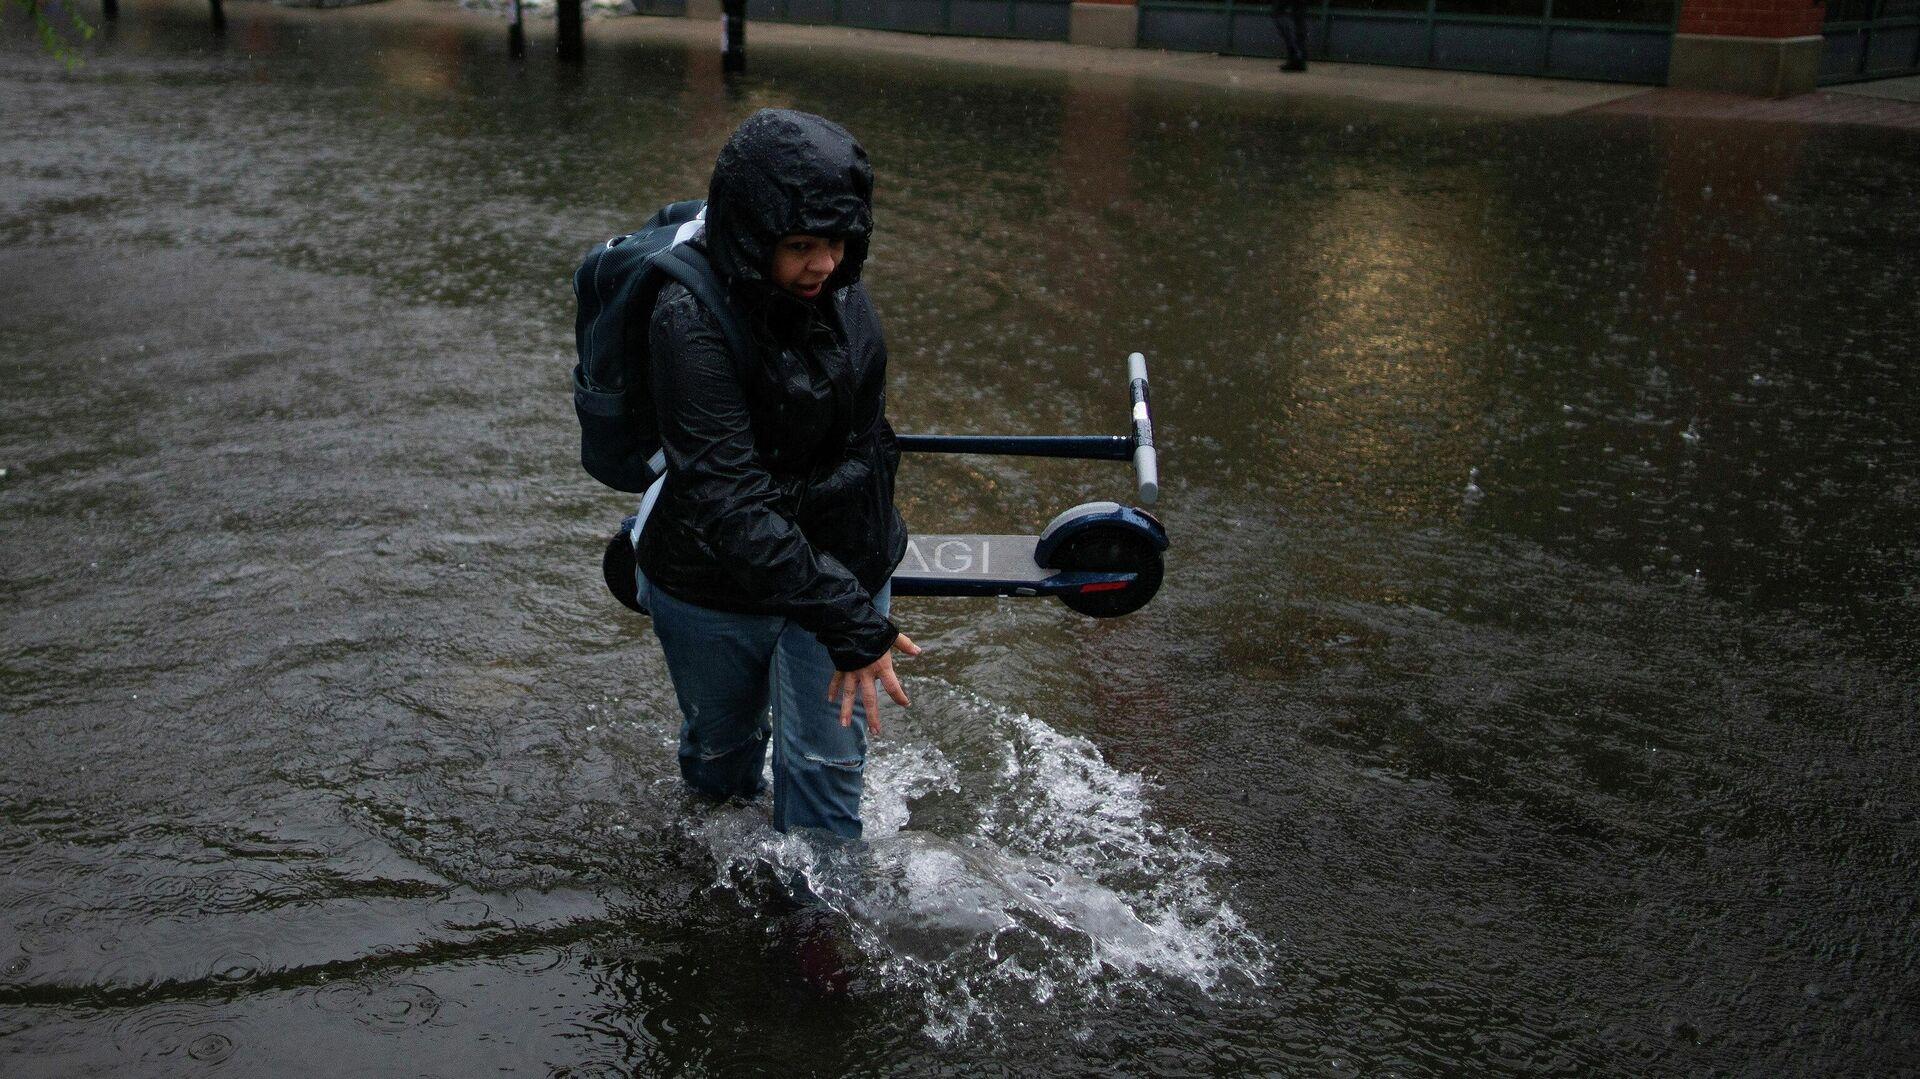 Inundaciones en Nueva Jersey - Sputnik Mundo, 1920, 09.07.2021